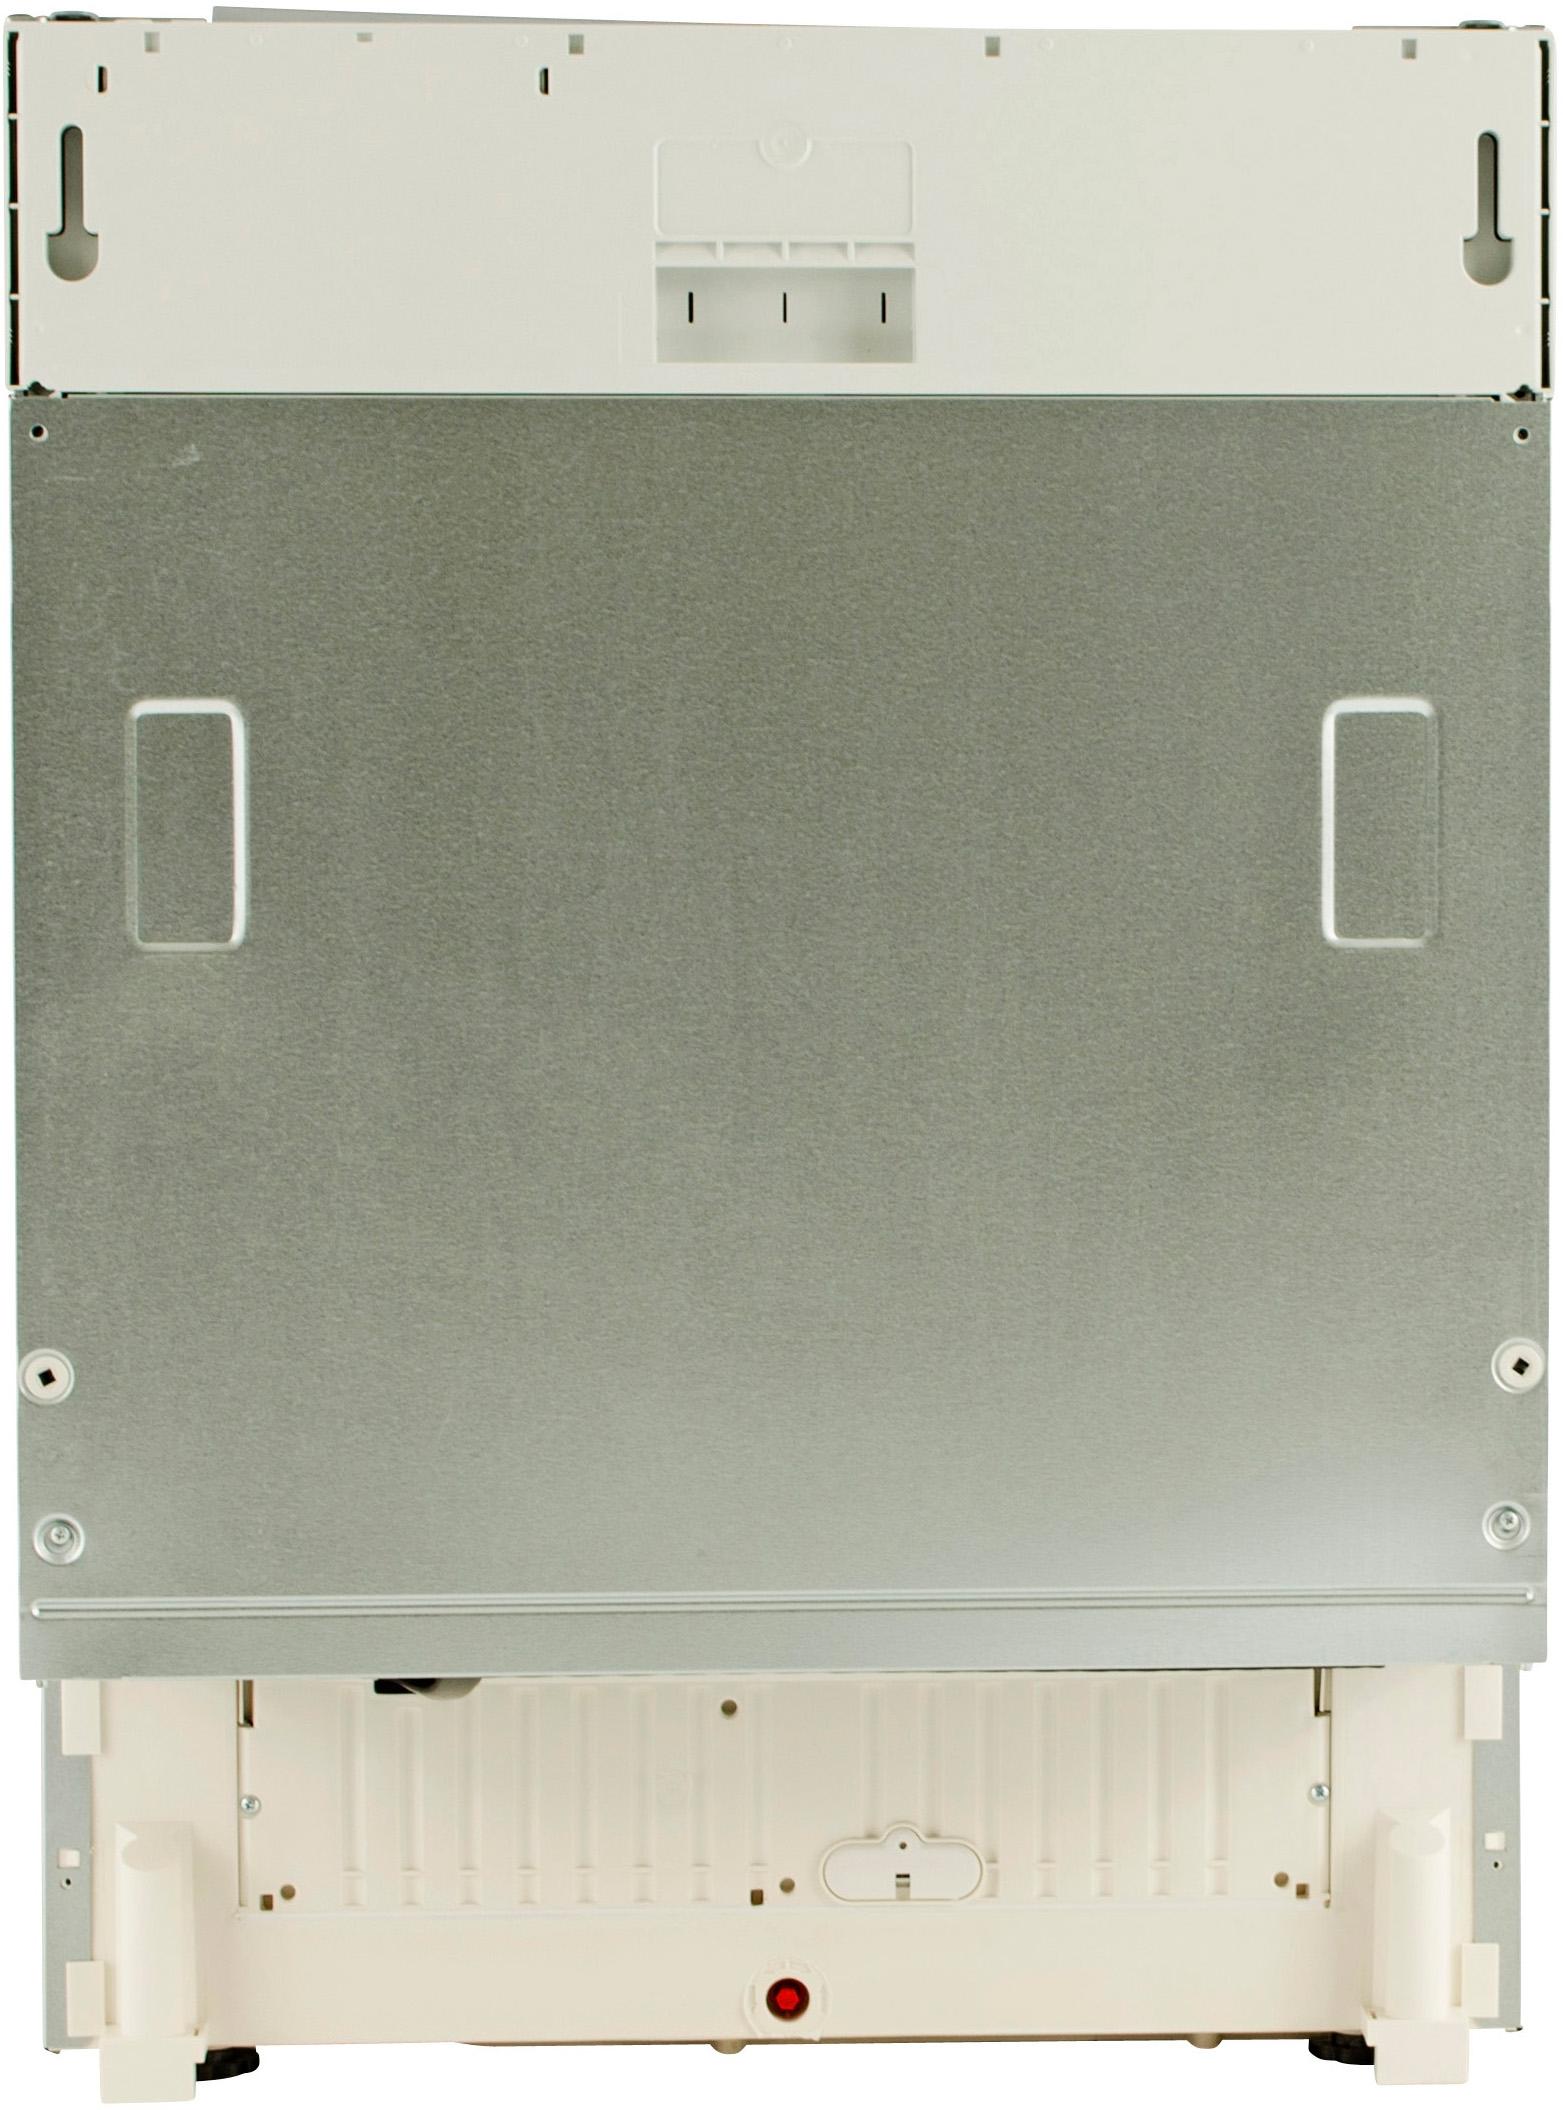 I dettagli del test sulla lavastoviglie HOTPOINT-ARISTON LTB 4B019 EU